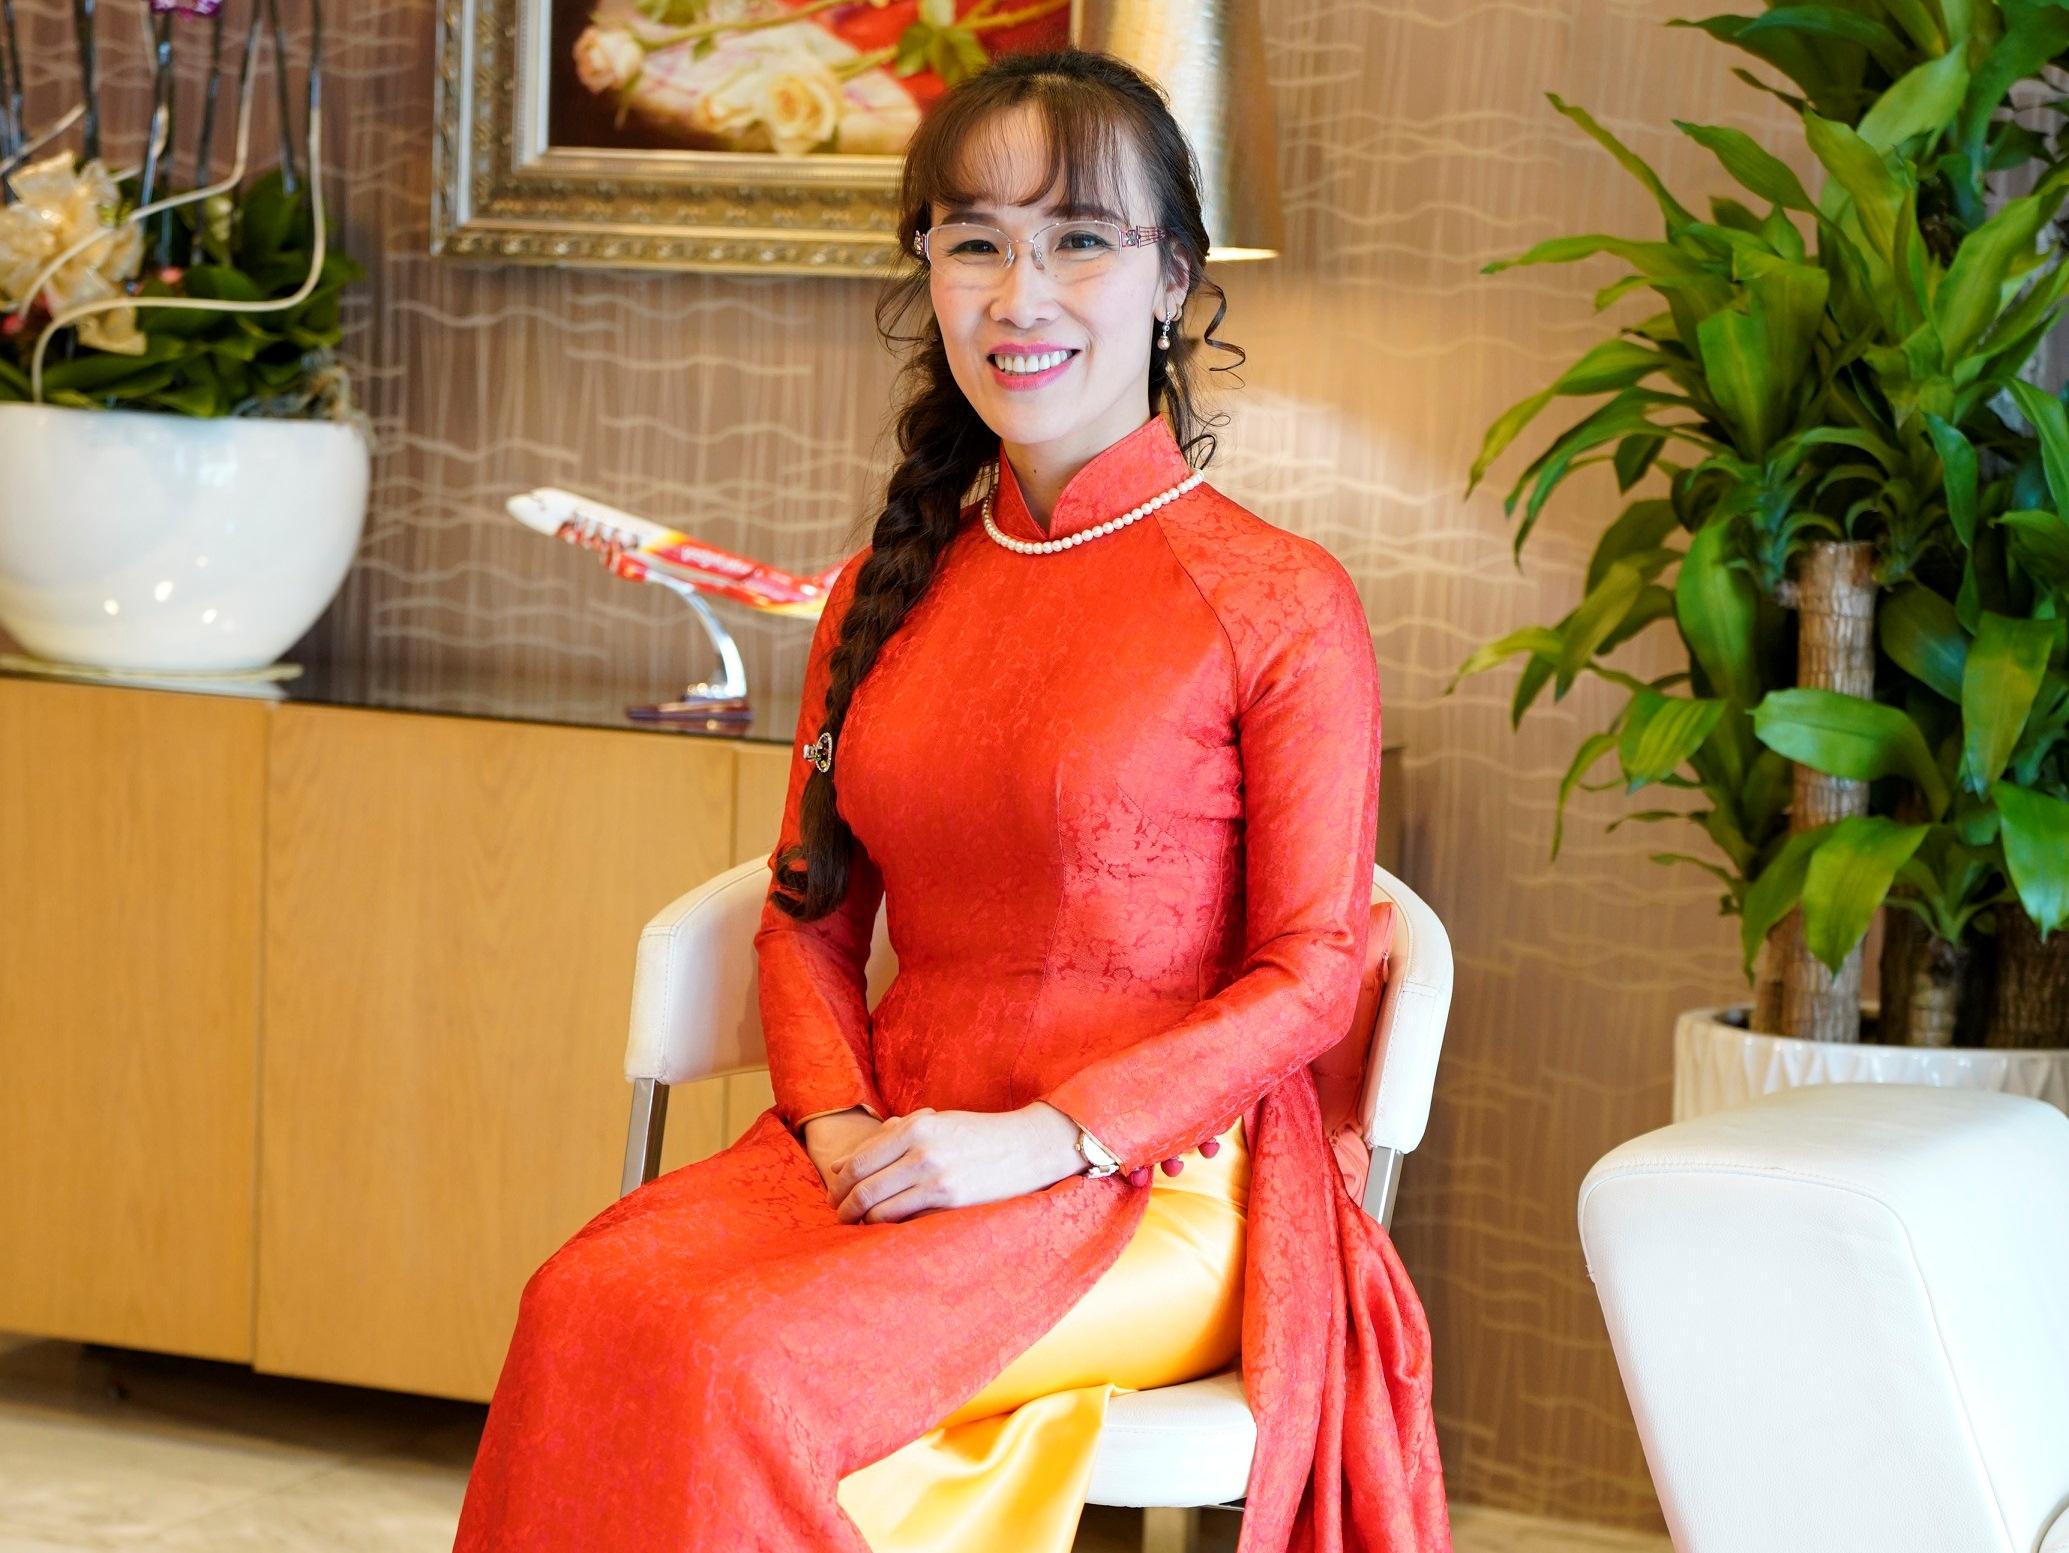 Nữ tỷ phú Nguyễn Thị Phương Thảo vào Top 100 phụ nữ quyền lực nhất Thế giới năm 2018 của Forbes